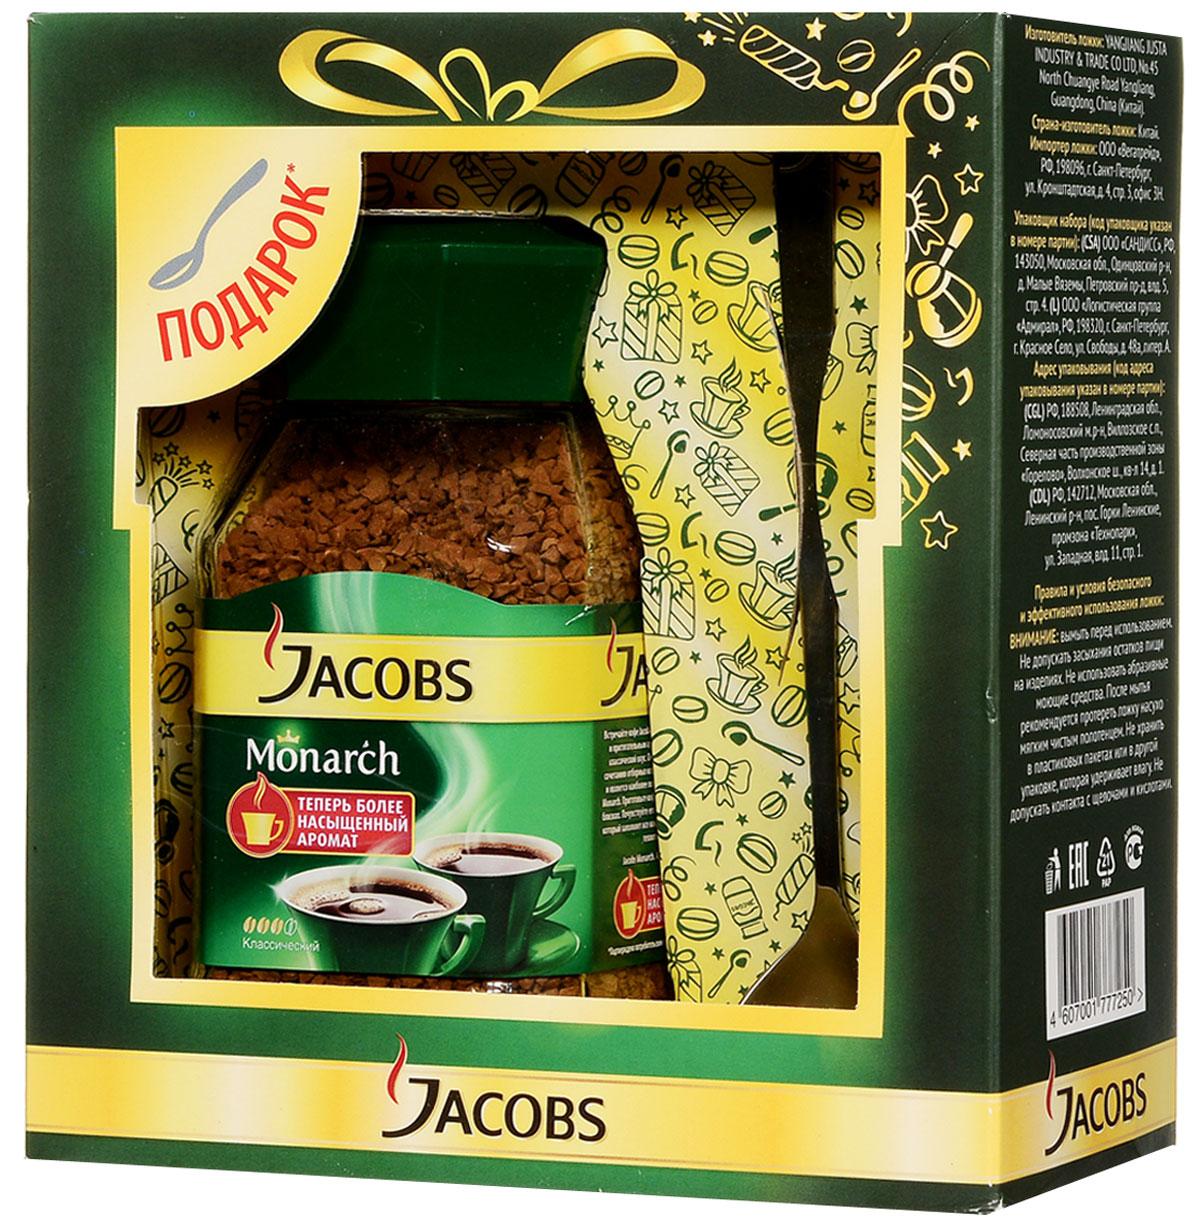 Jacobs Monarch кофе растворимый, 95 г + фирменная ложка4251881В благородной теплоте тщательно обжаренных зерен скрывается секрет подлинной крепости и притягательного аромата кофе Jacobs Monarch. Заварите чашку кофе Jacobs Monarch, и вы сразу почувствуете, как его уникальный притягательный аромат окружит вас и создаст особую атмосферу для теплого общения с вашими близкими.Уникальный набор включает в себя банку кофе Jacobs Monarch и кофейную ложку с эксклюзивным дизайном.Уважаемые клиенты! Обращаем ваше внимание на то, что упаковка может иметь несколько видов дизайна. Поставка осуществляется в зависимости от наличия на складе.